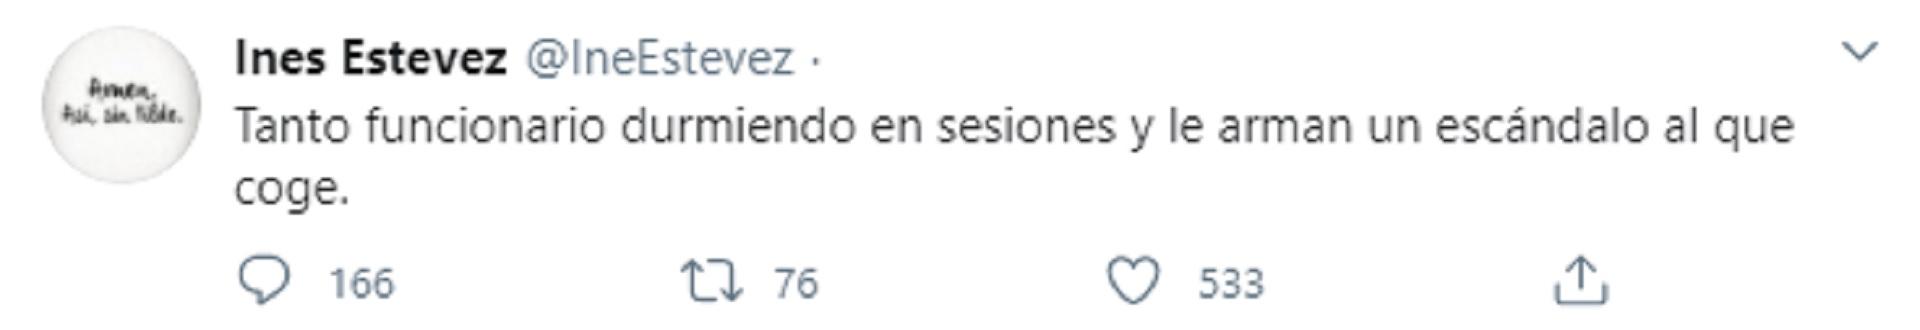 El tuit de Inés Estevez